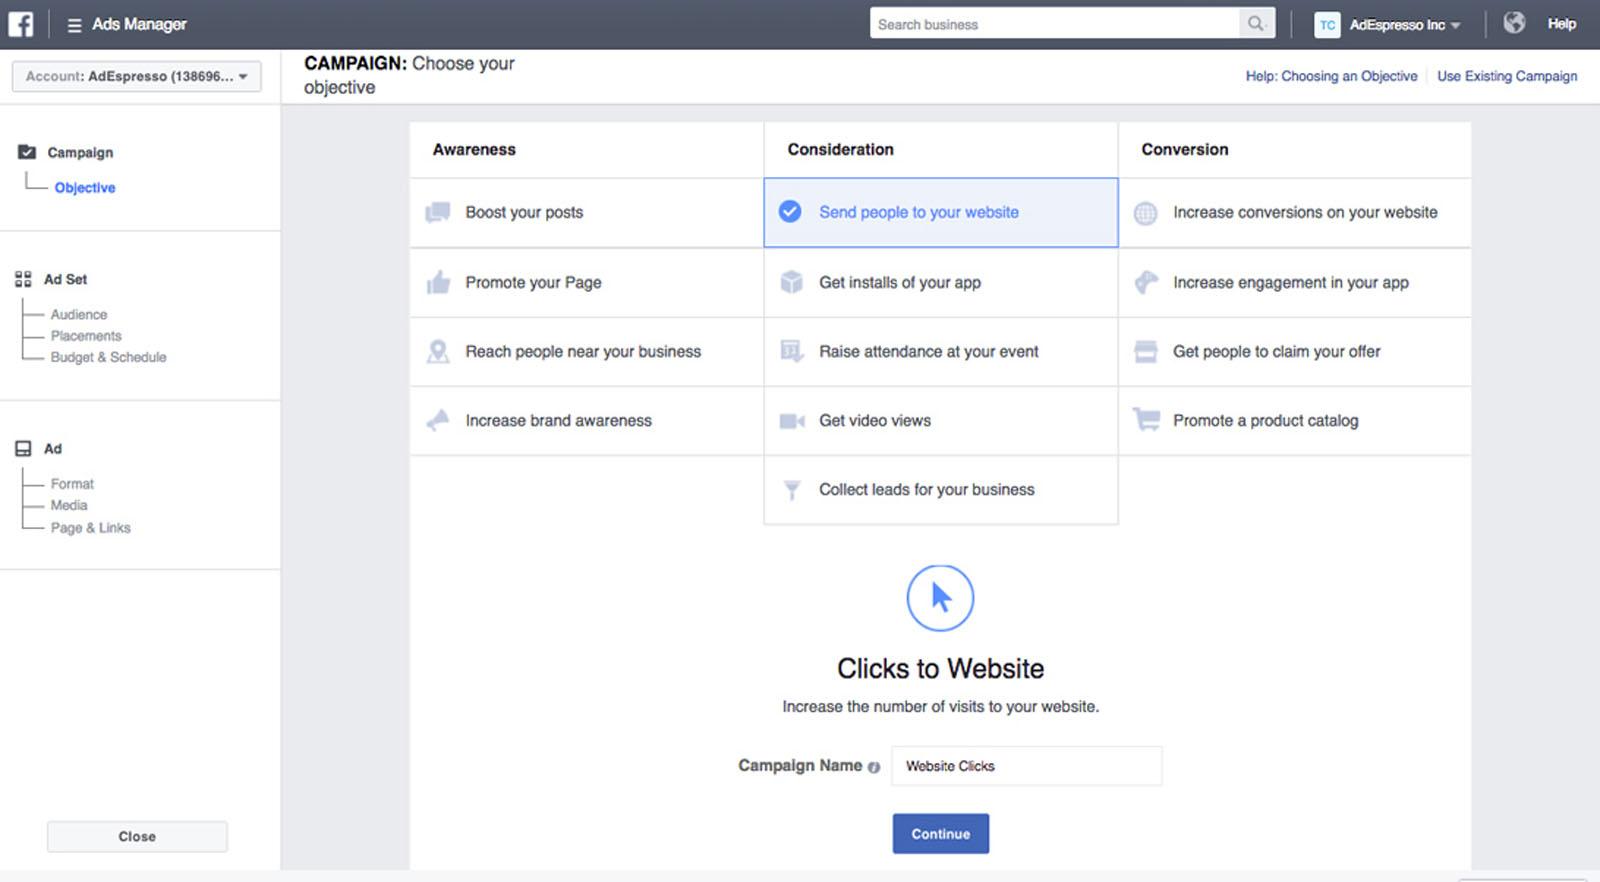 Chạy quảng cáo Facebook hiệu quả với Ads Manager